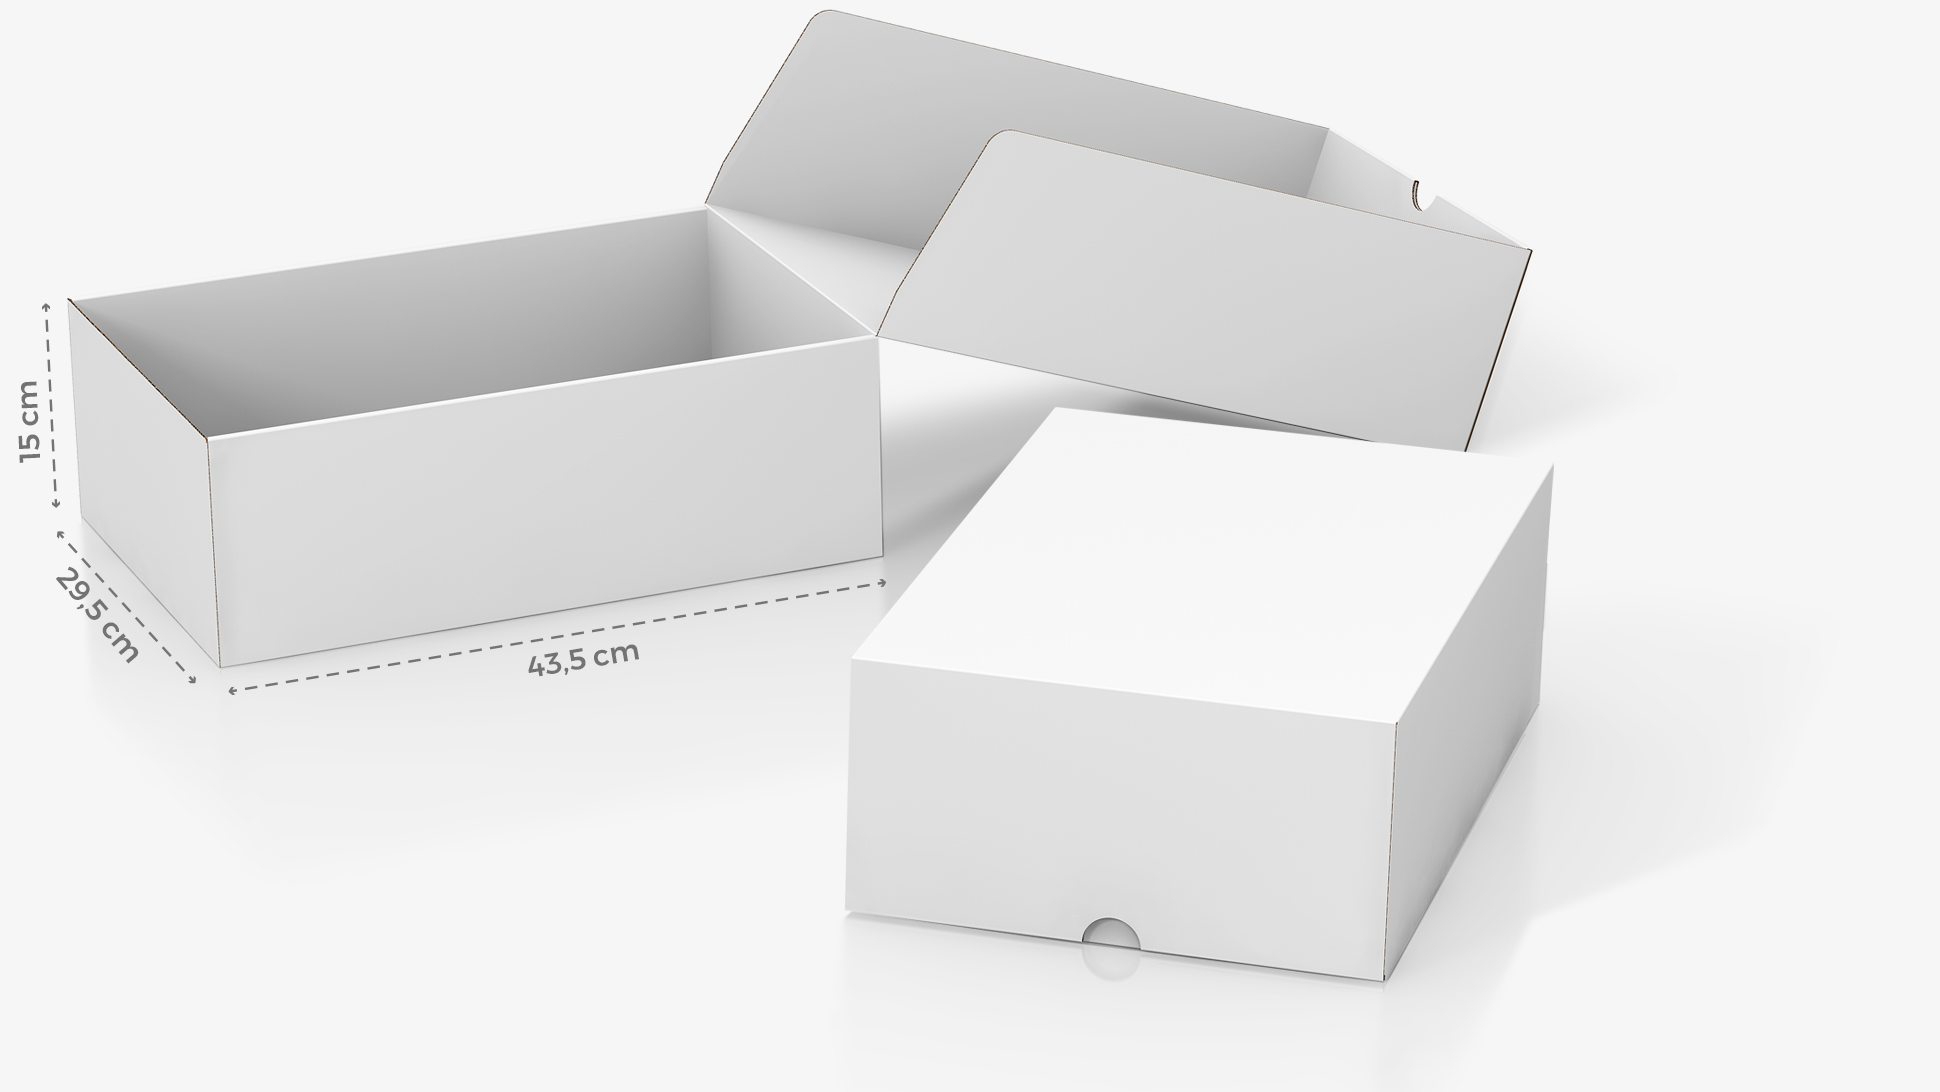 Scatola in cartone 43,5x15 cm personalizzabile | tictac.it